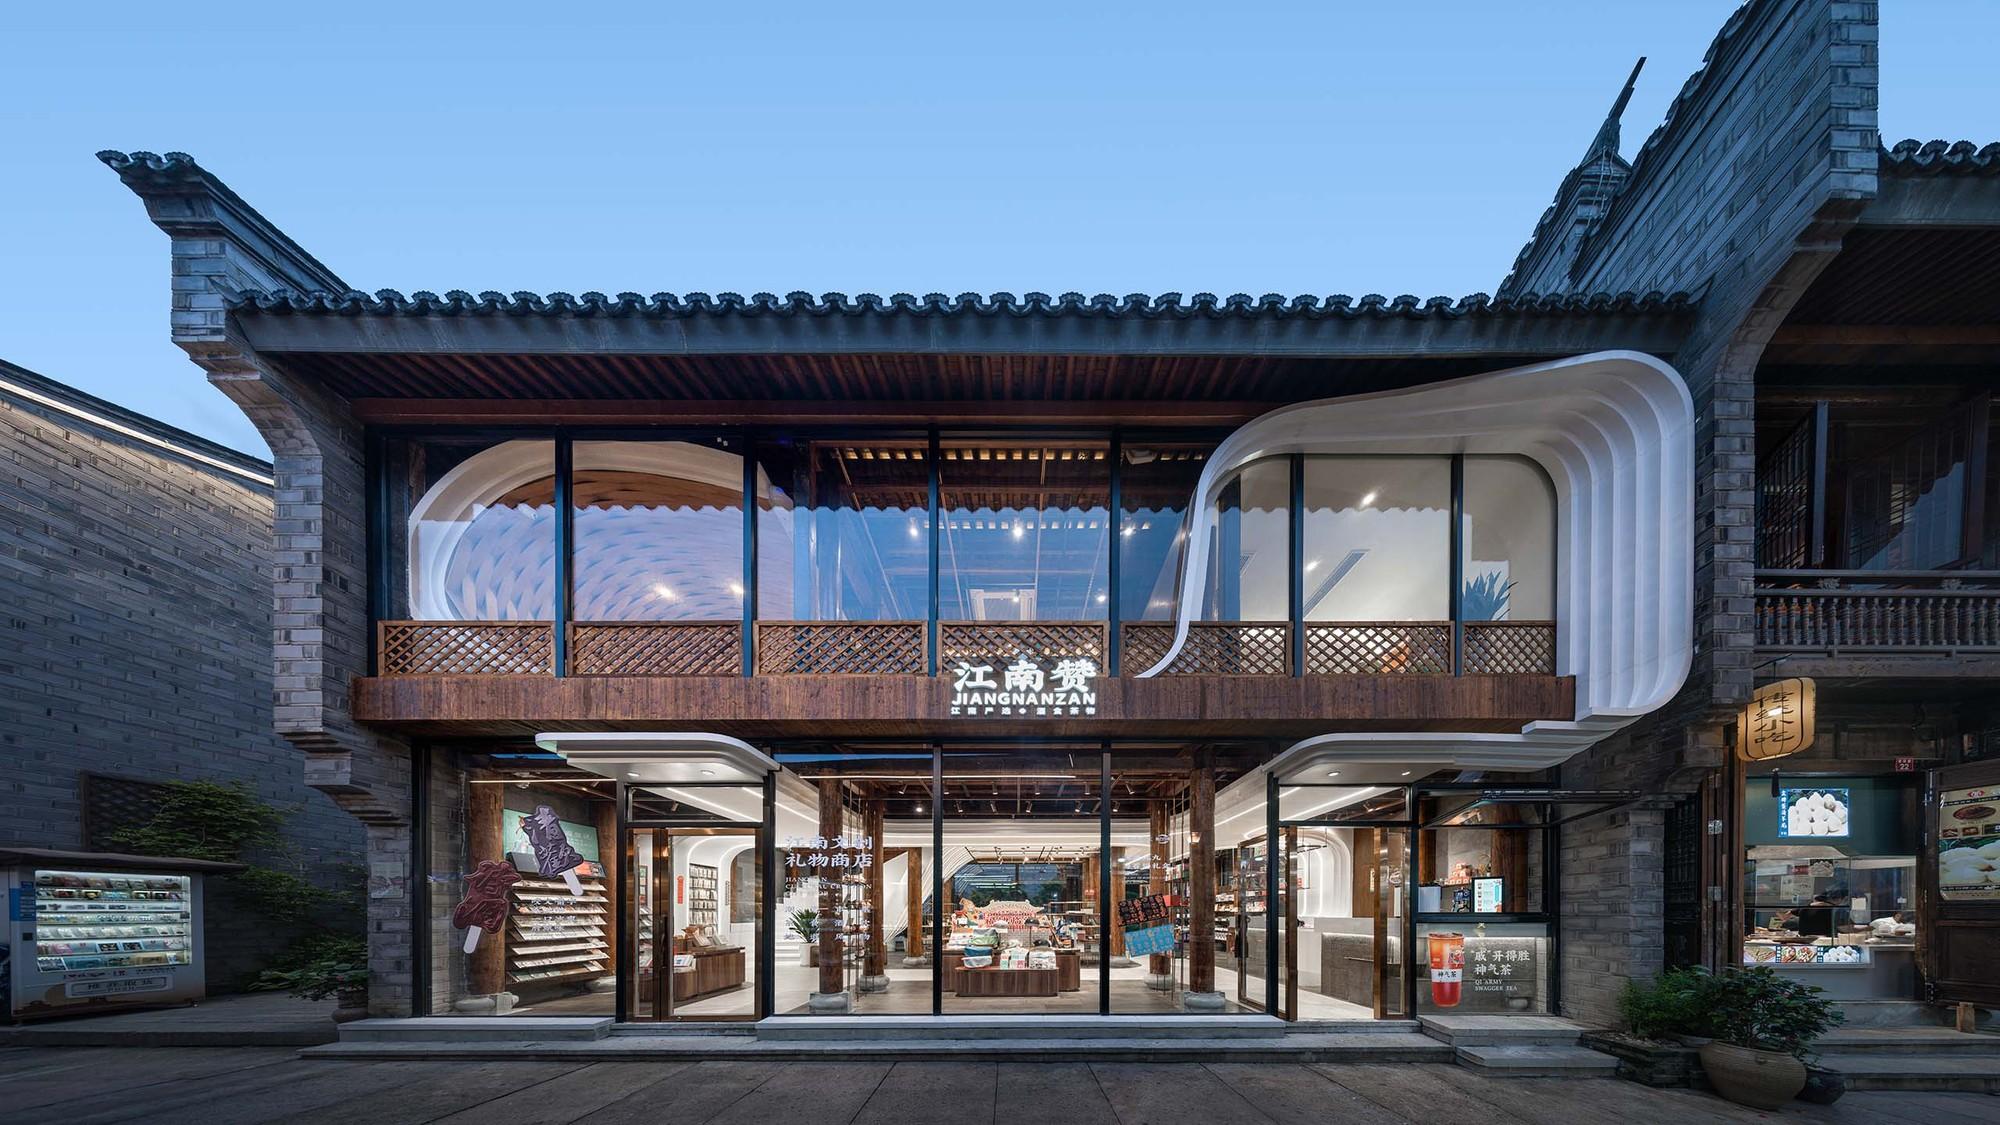 Jiangnan Zan Store / LYCS Architecture